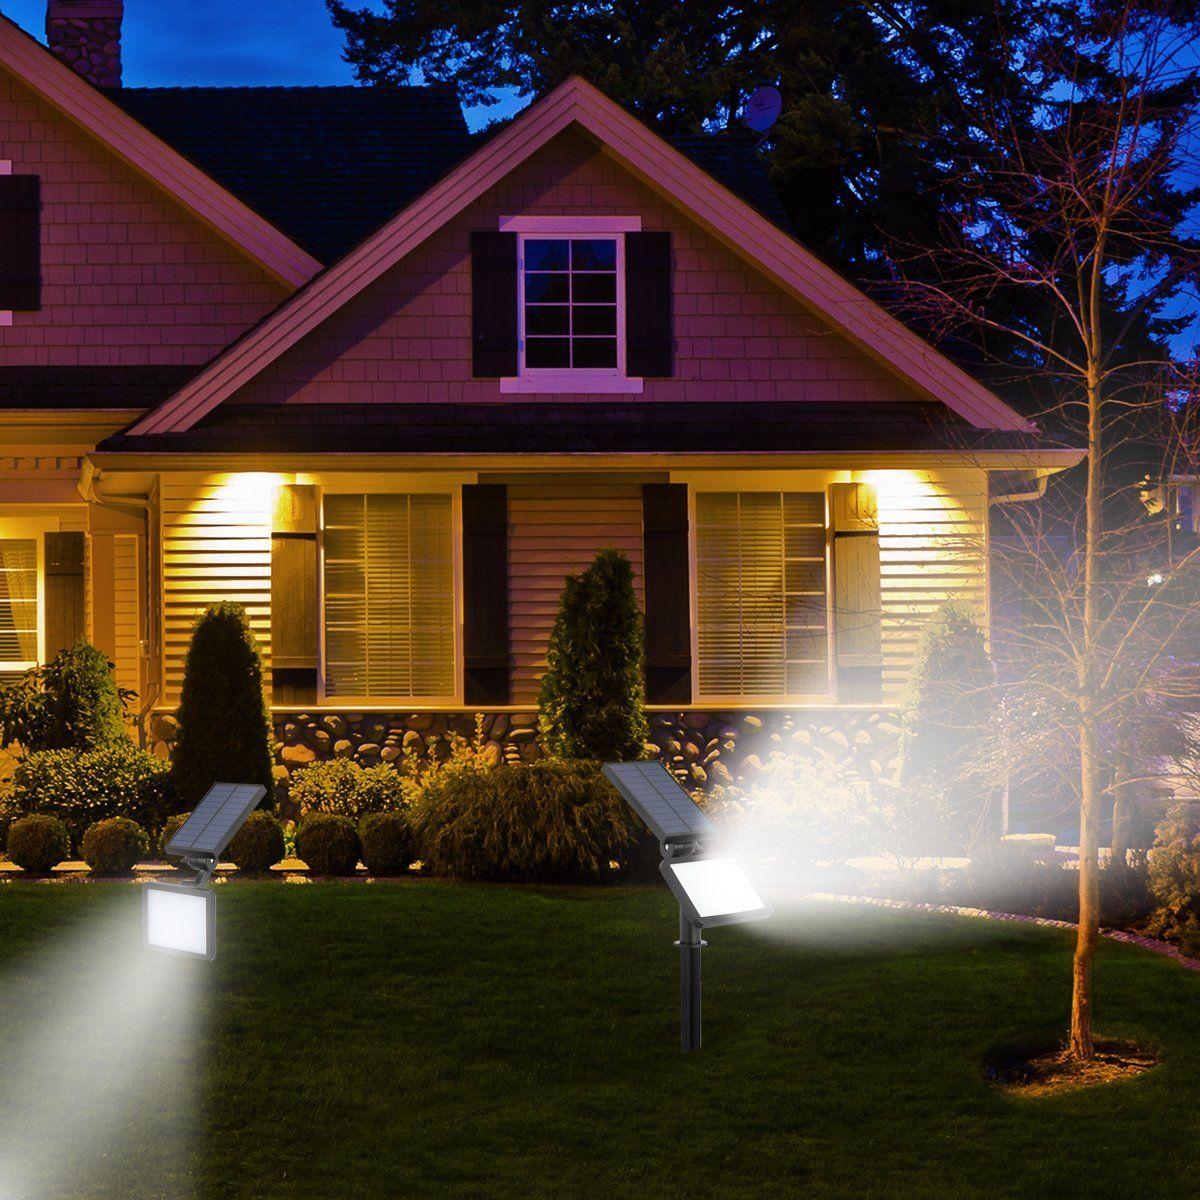 48 Led Garden Landscape Lamp Solar Spotlight Outdoor Lighting Wall Lights